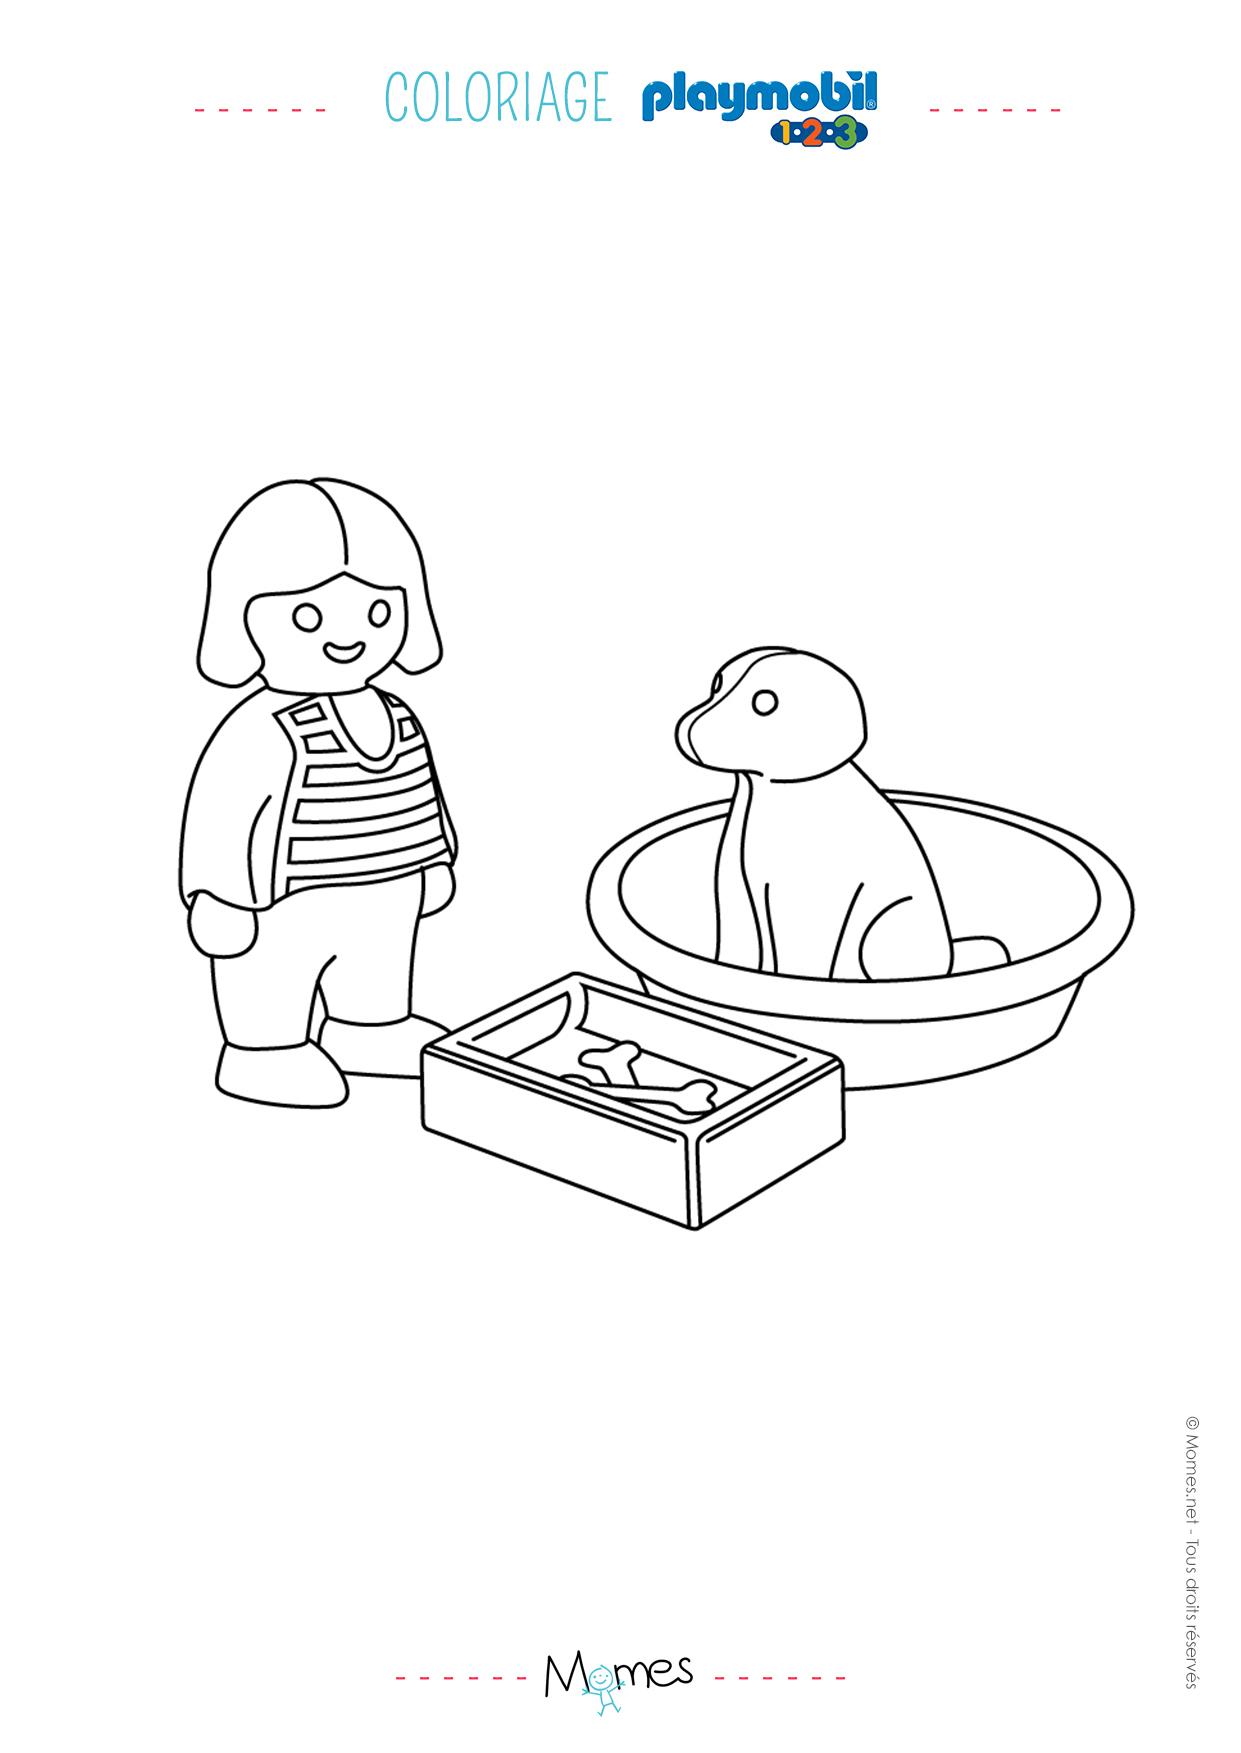 Coloriage La petite fille et son chien Playmobil 8  MOMES.net